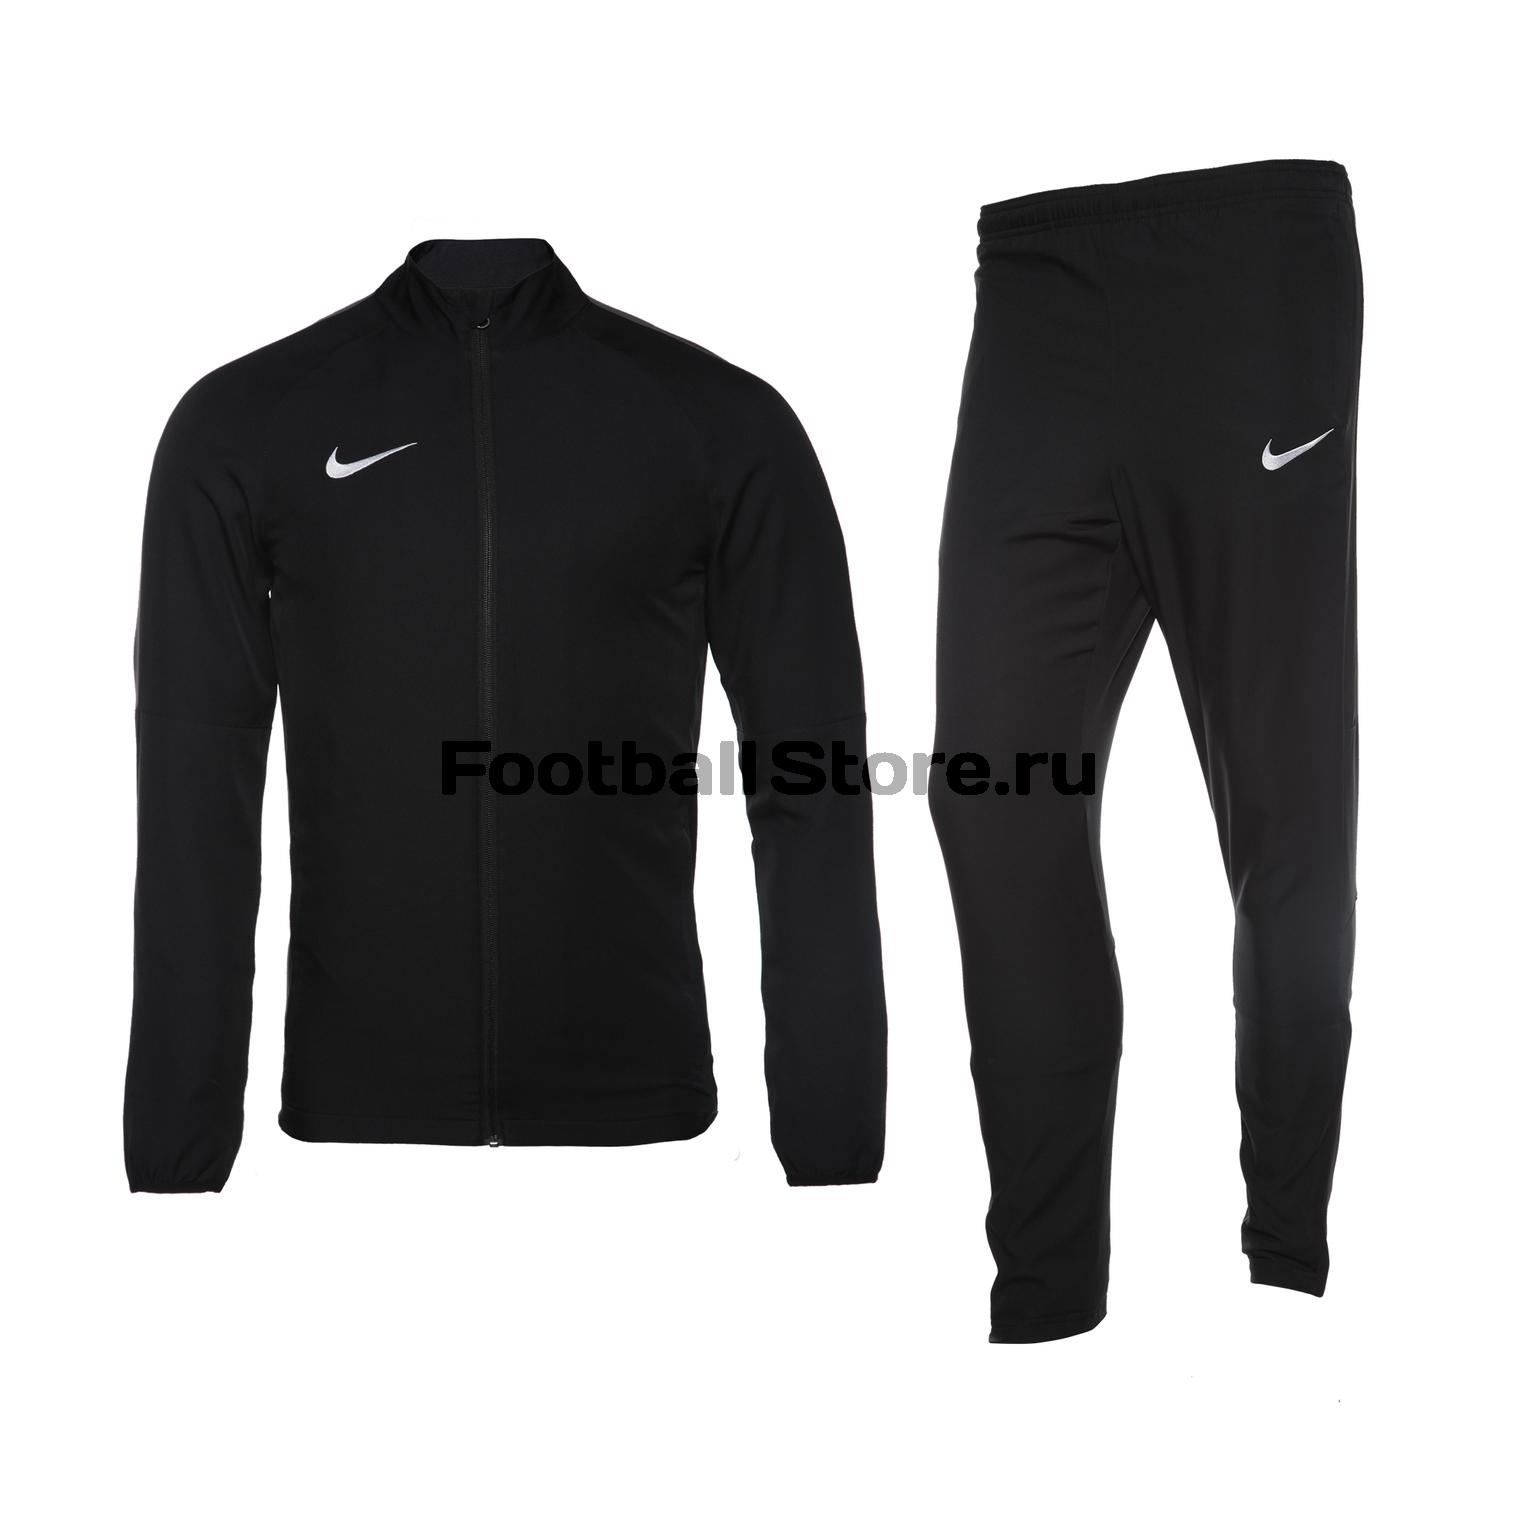 Костюм спортивный Nike Dry Academy18 TRK Suit W 893709-010 костюм спортивный nike m dry acdmy trk suit 844327 451